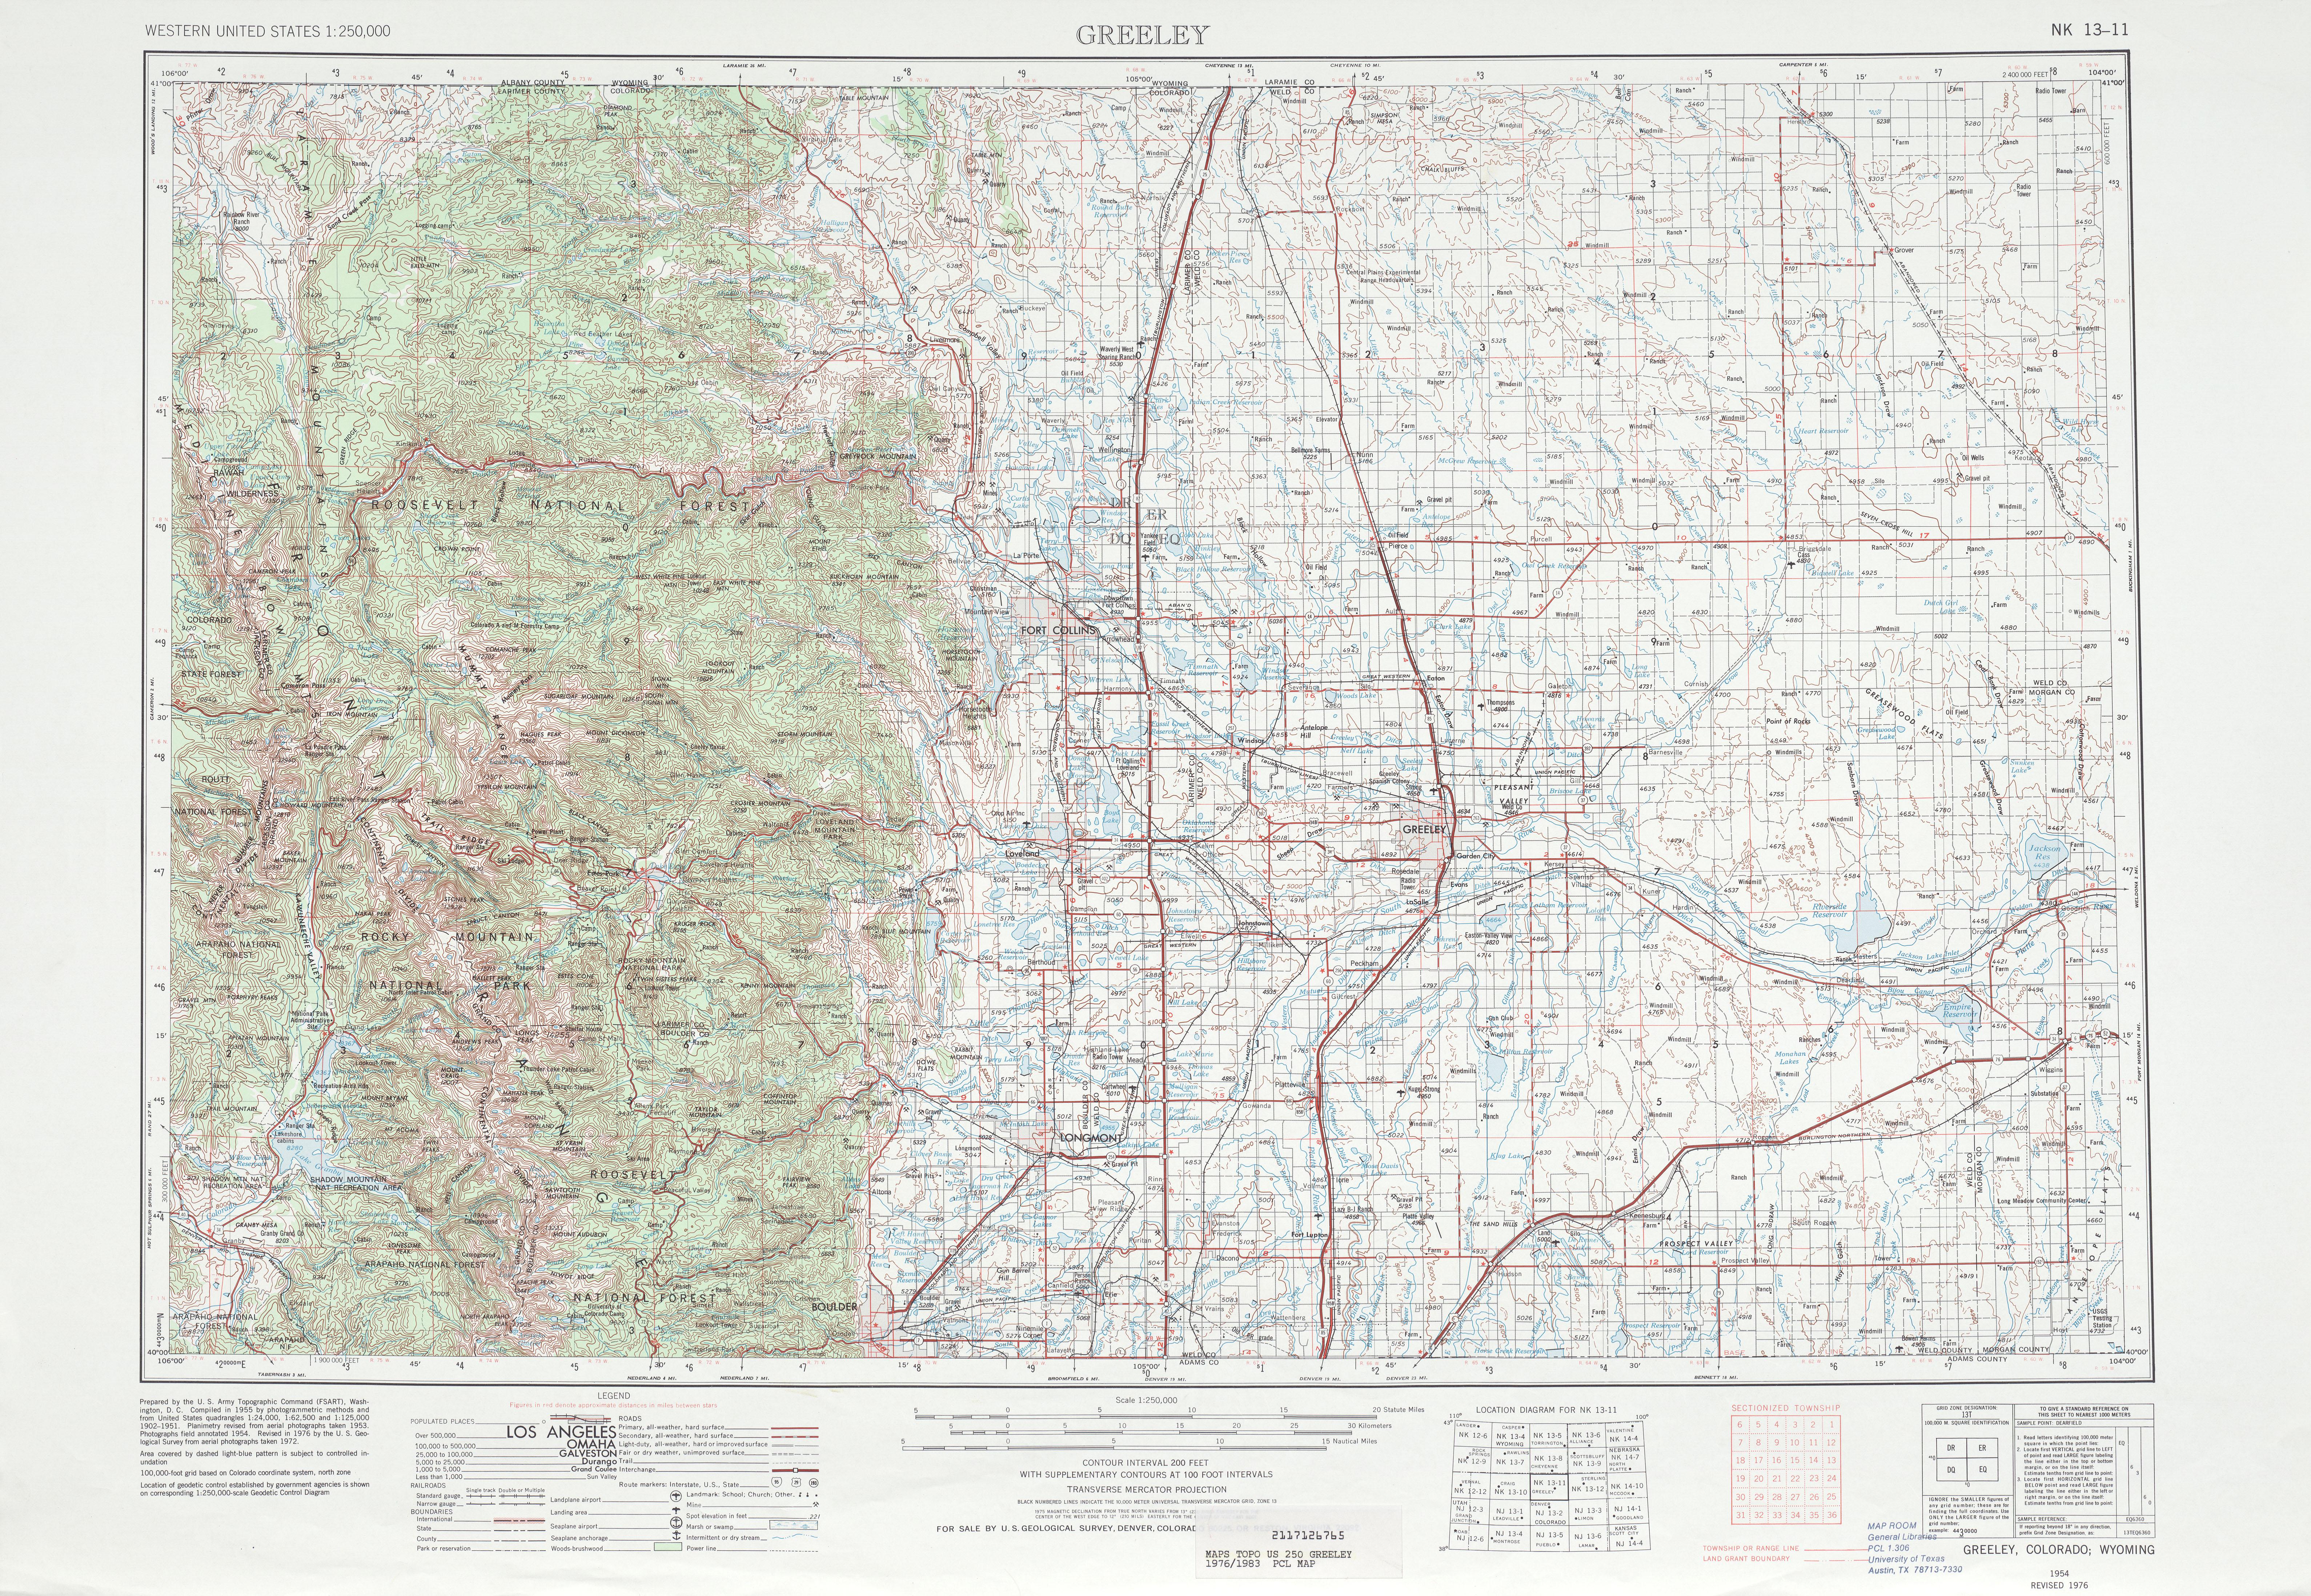 Hoja Greeley del Mapa Topográfico de los Estados Unidos 1976